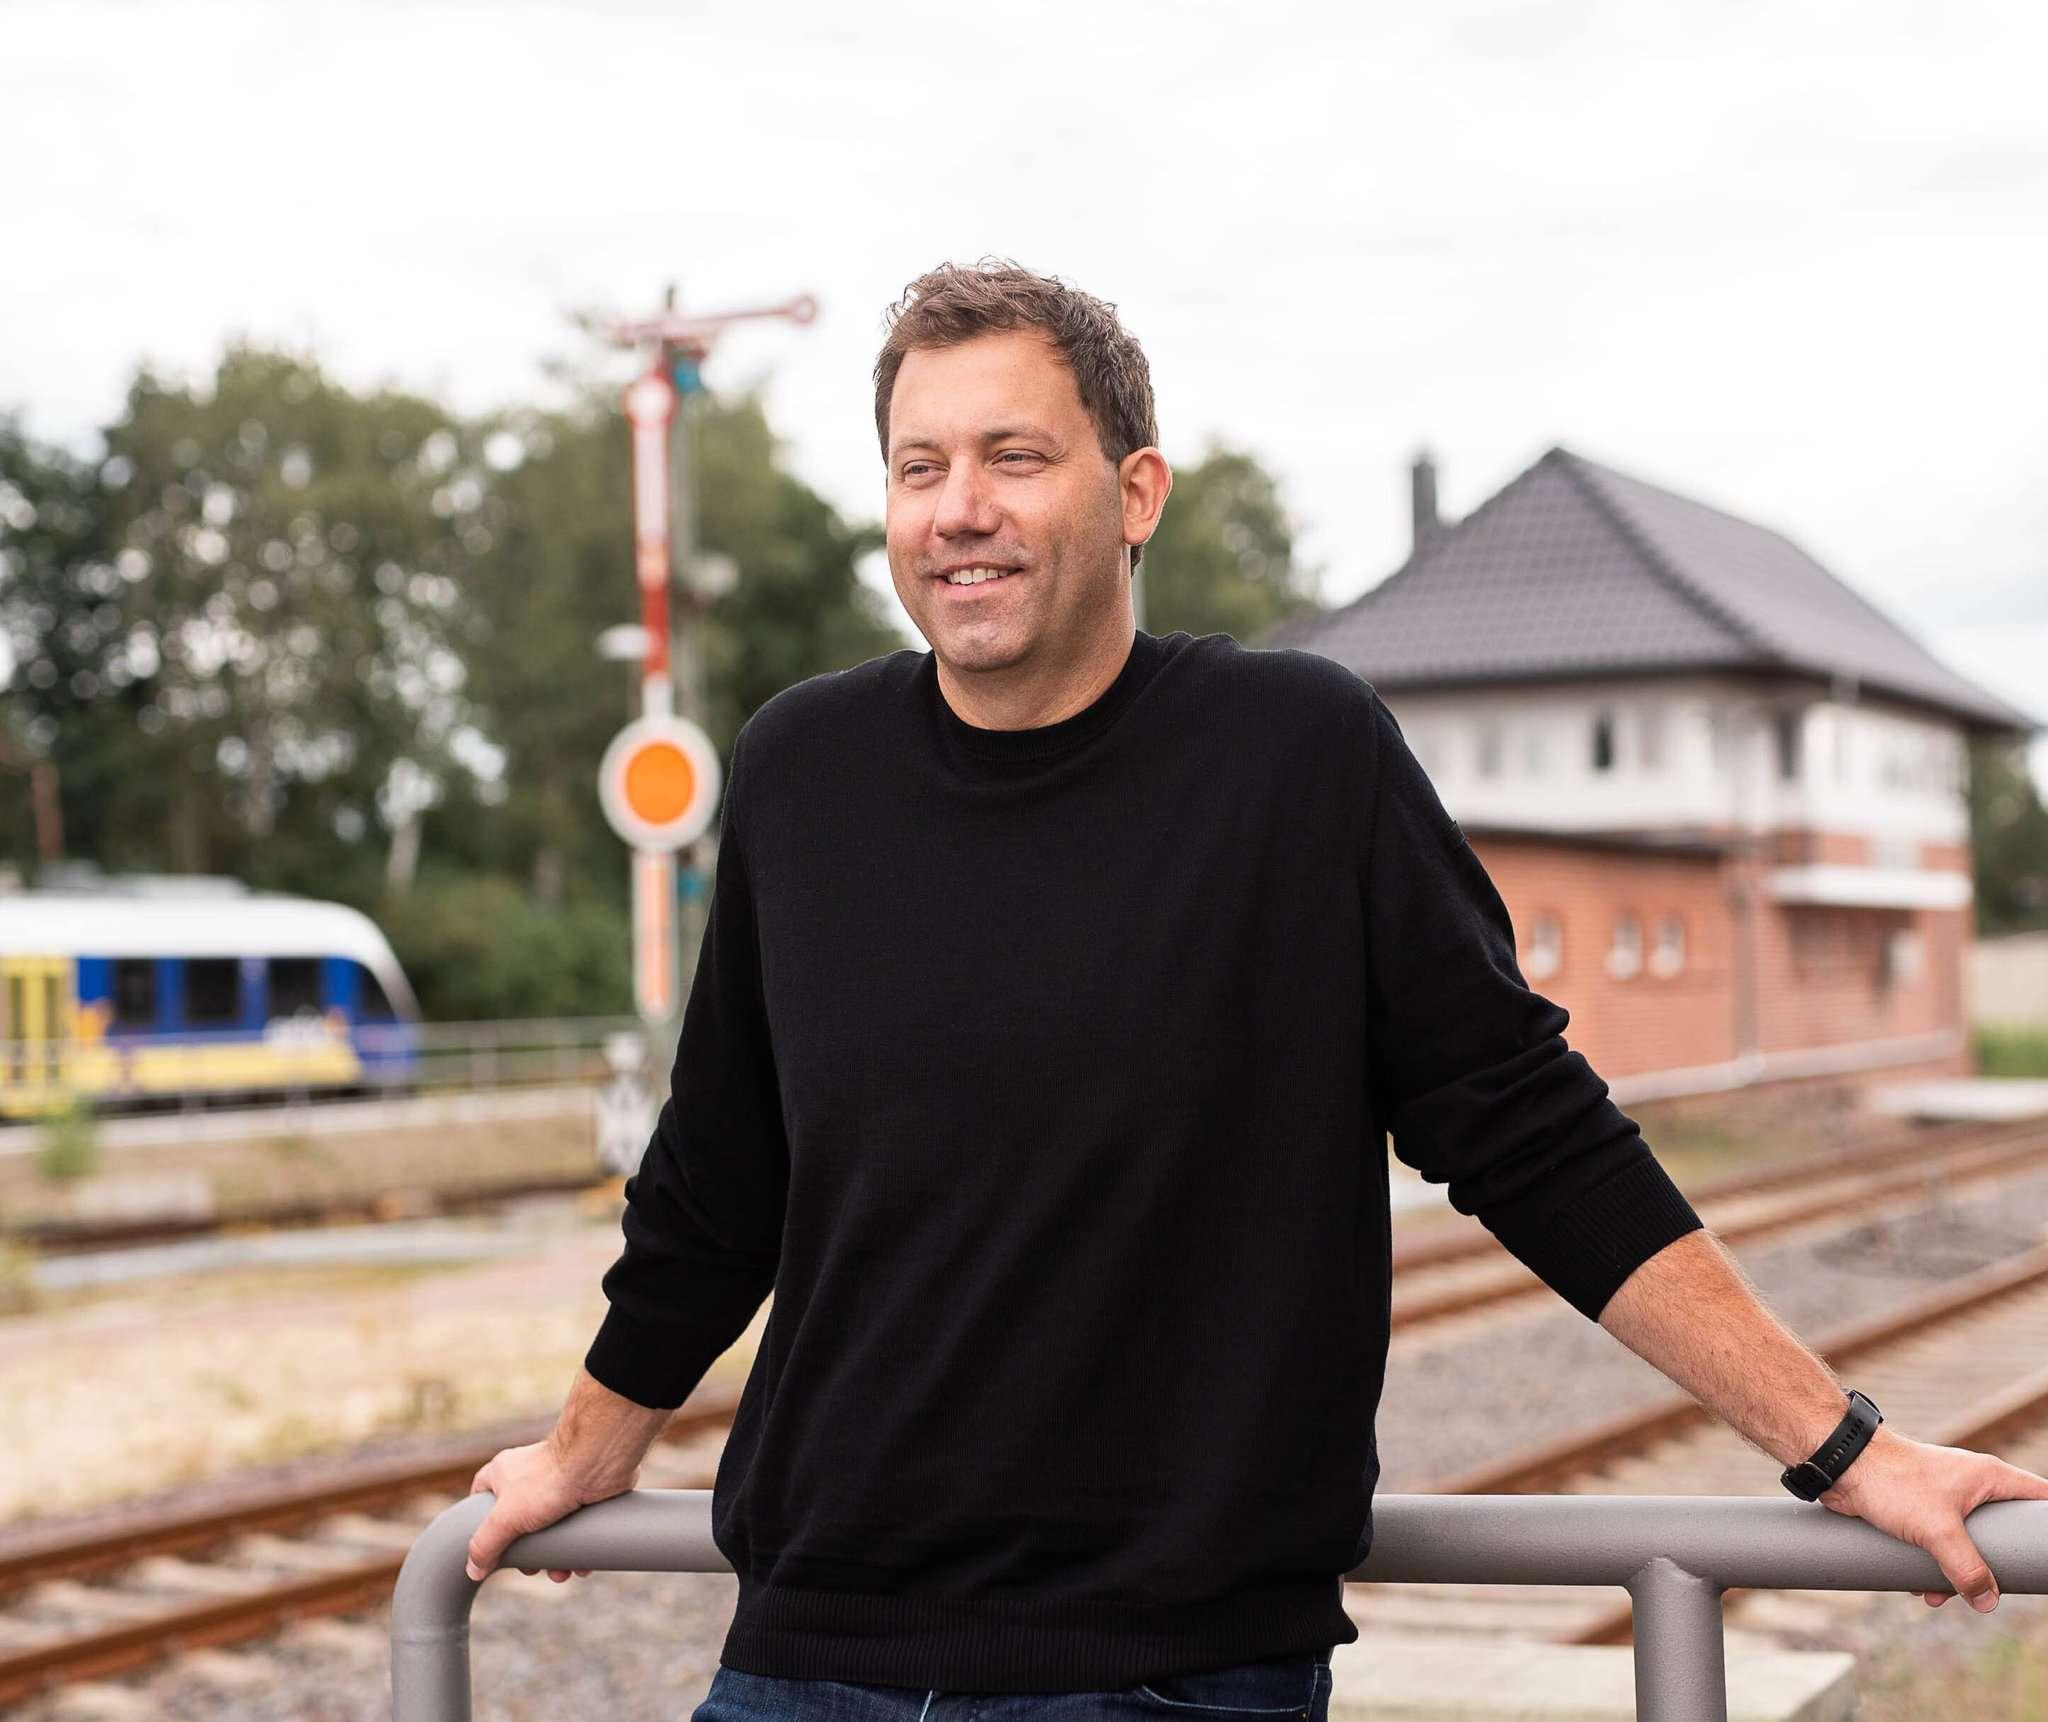 Auch der SPD-Generalsekretär Lars Klingbeil verbringt derzeit die meiste Zeit im Homeoffice. In dieser Woche war er in Rotenburg unterwegs.